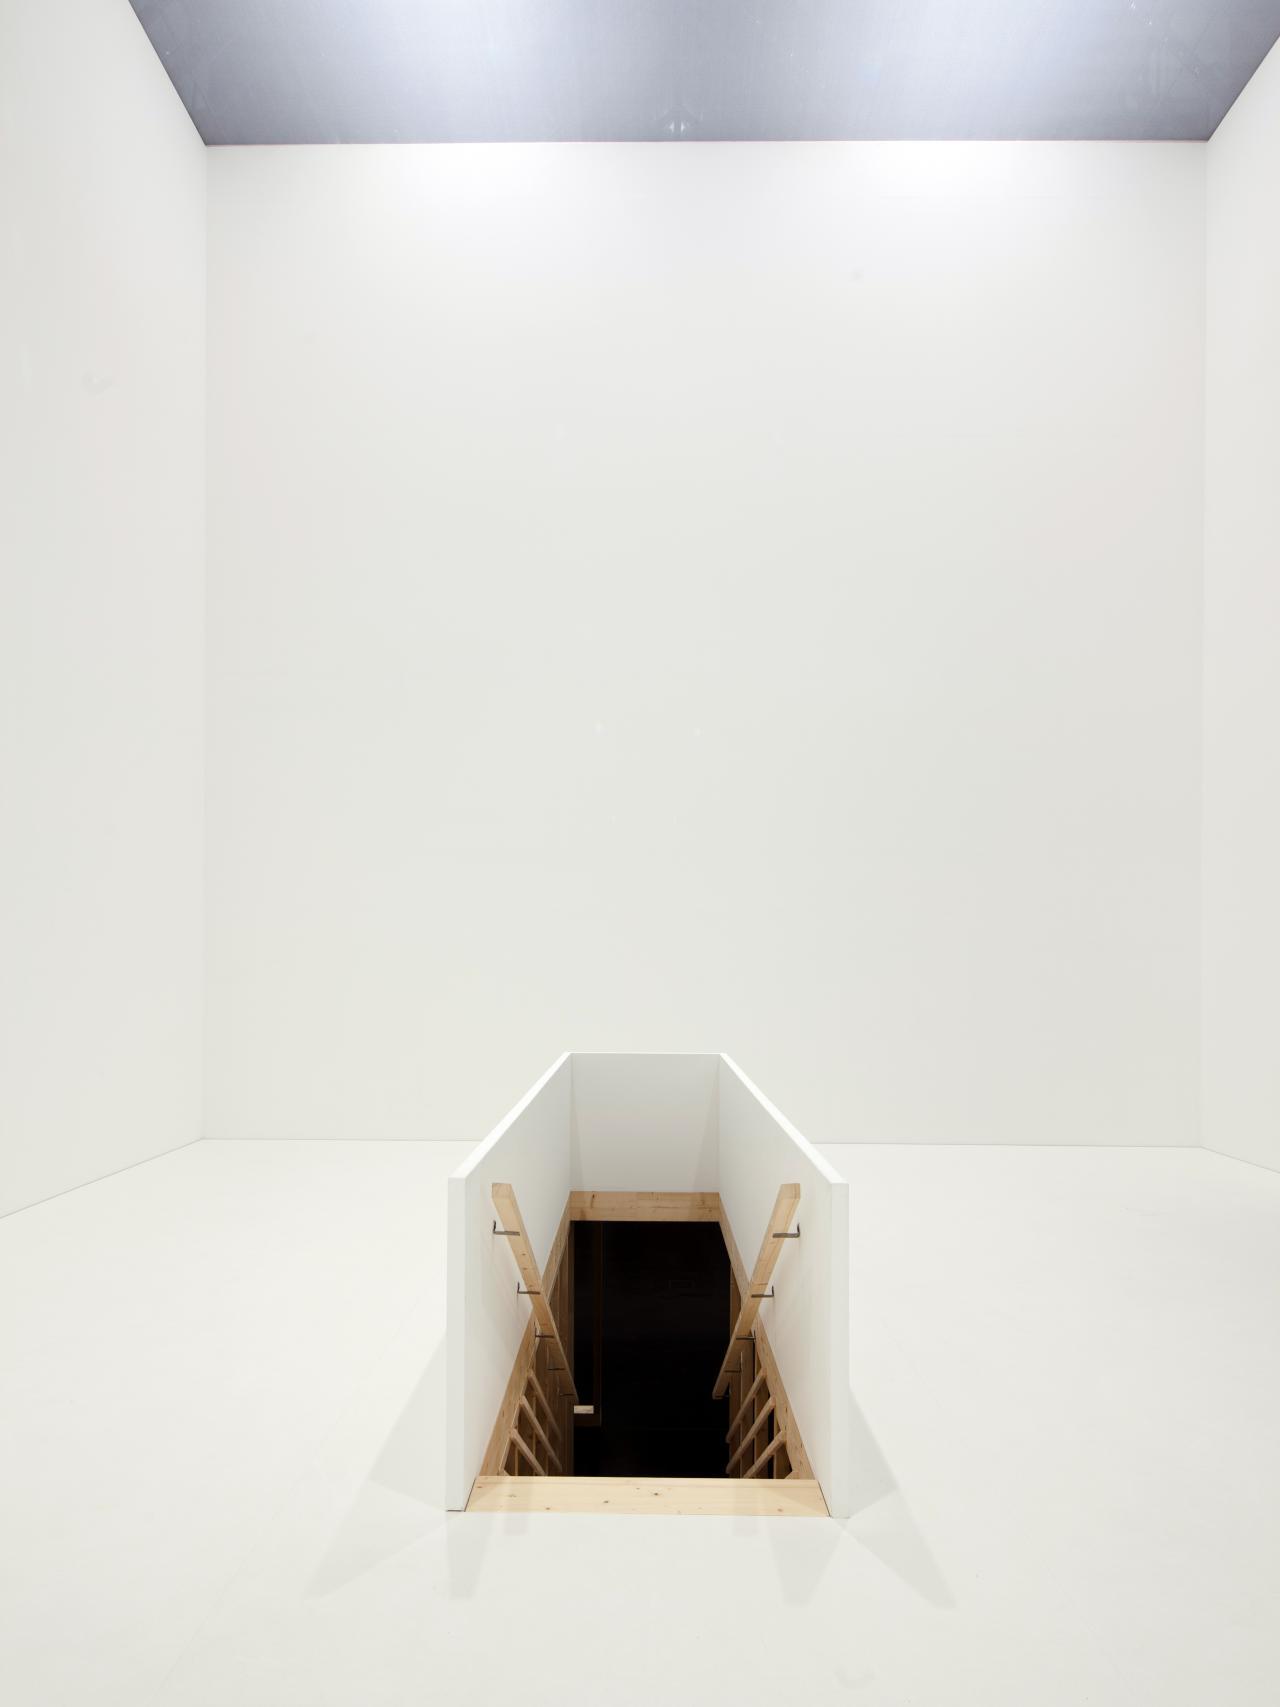 Zu sehen ist ein weißer Raum, der einen Treppenabgang in der Mitte aufzeigt.